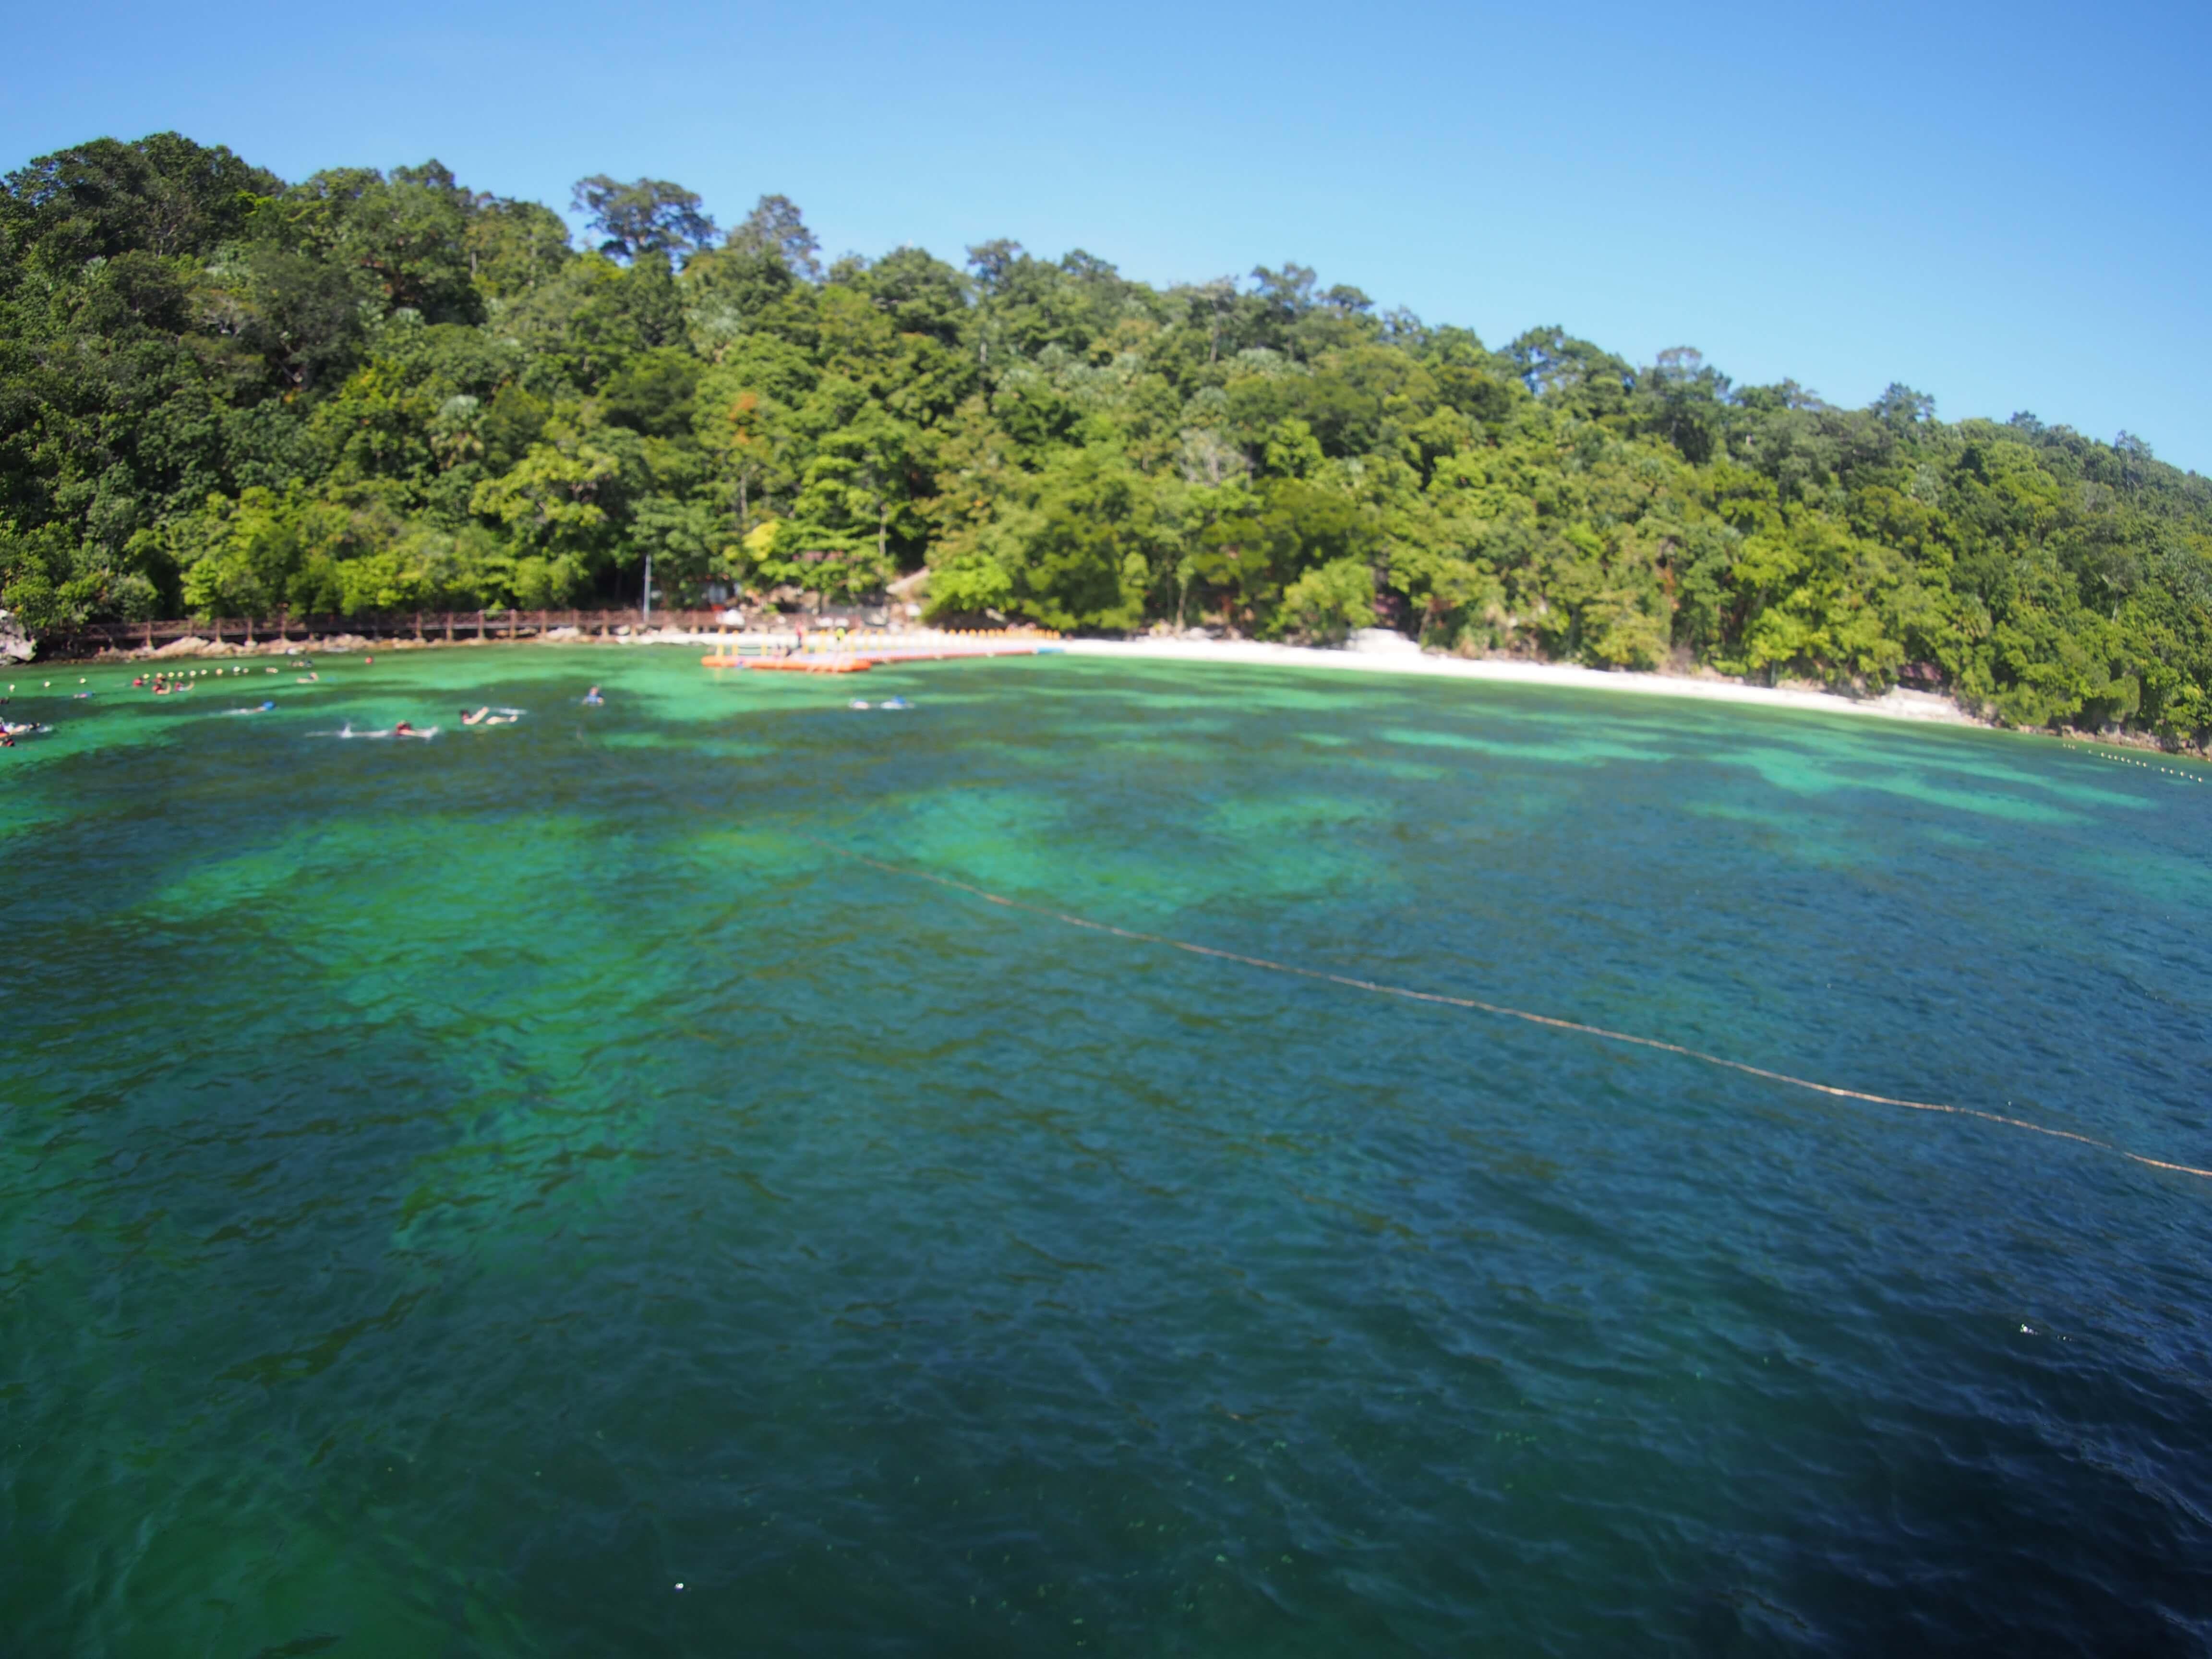 【楽園】マレーシア観光ならパヤ島!VELTRA社のシュノーケリングツアーで行ってみた感想